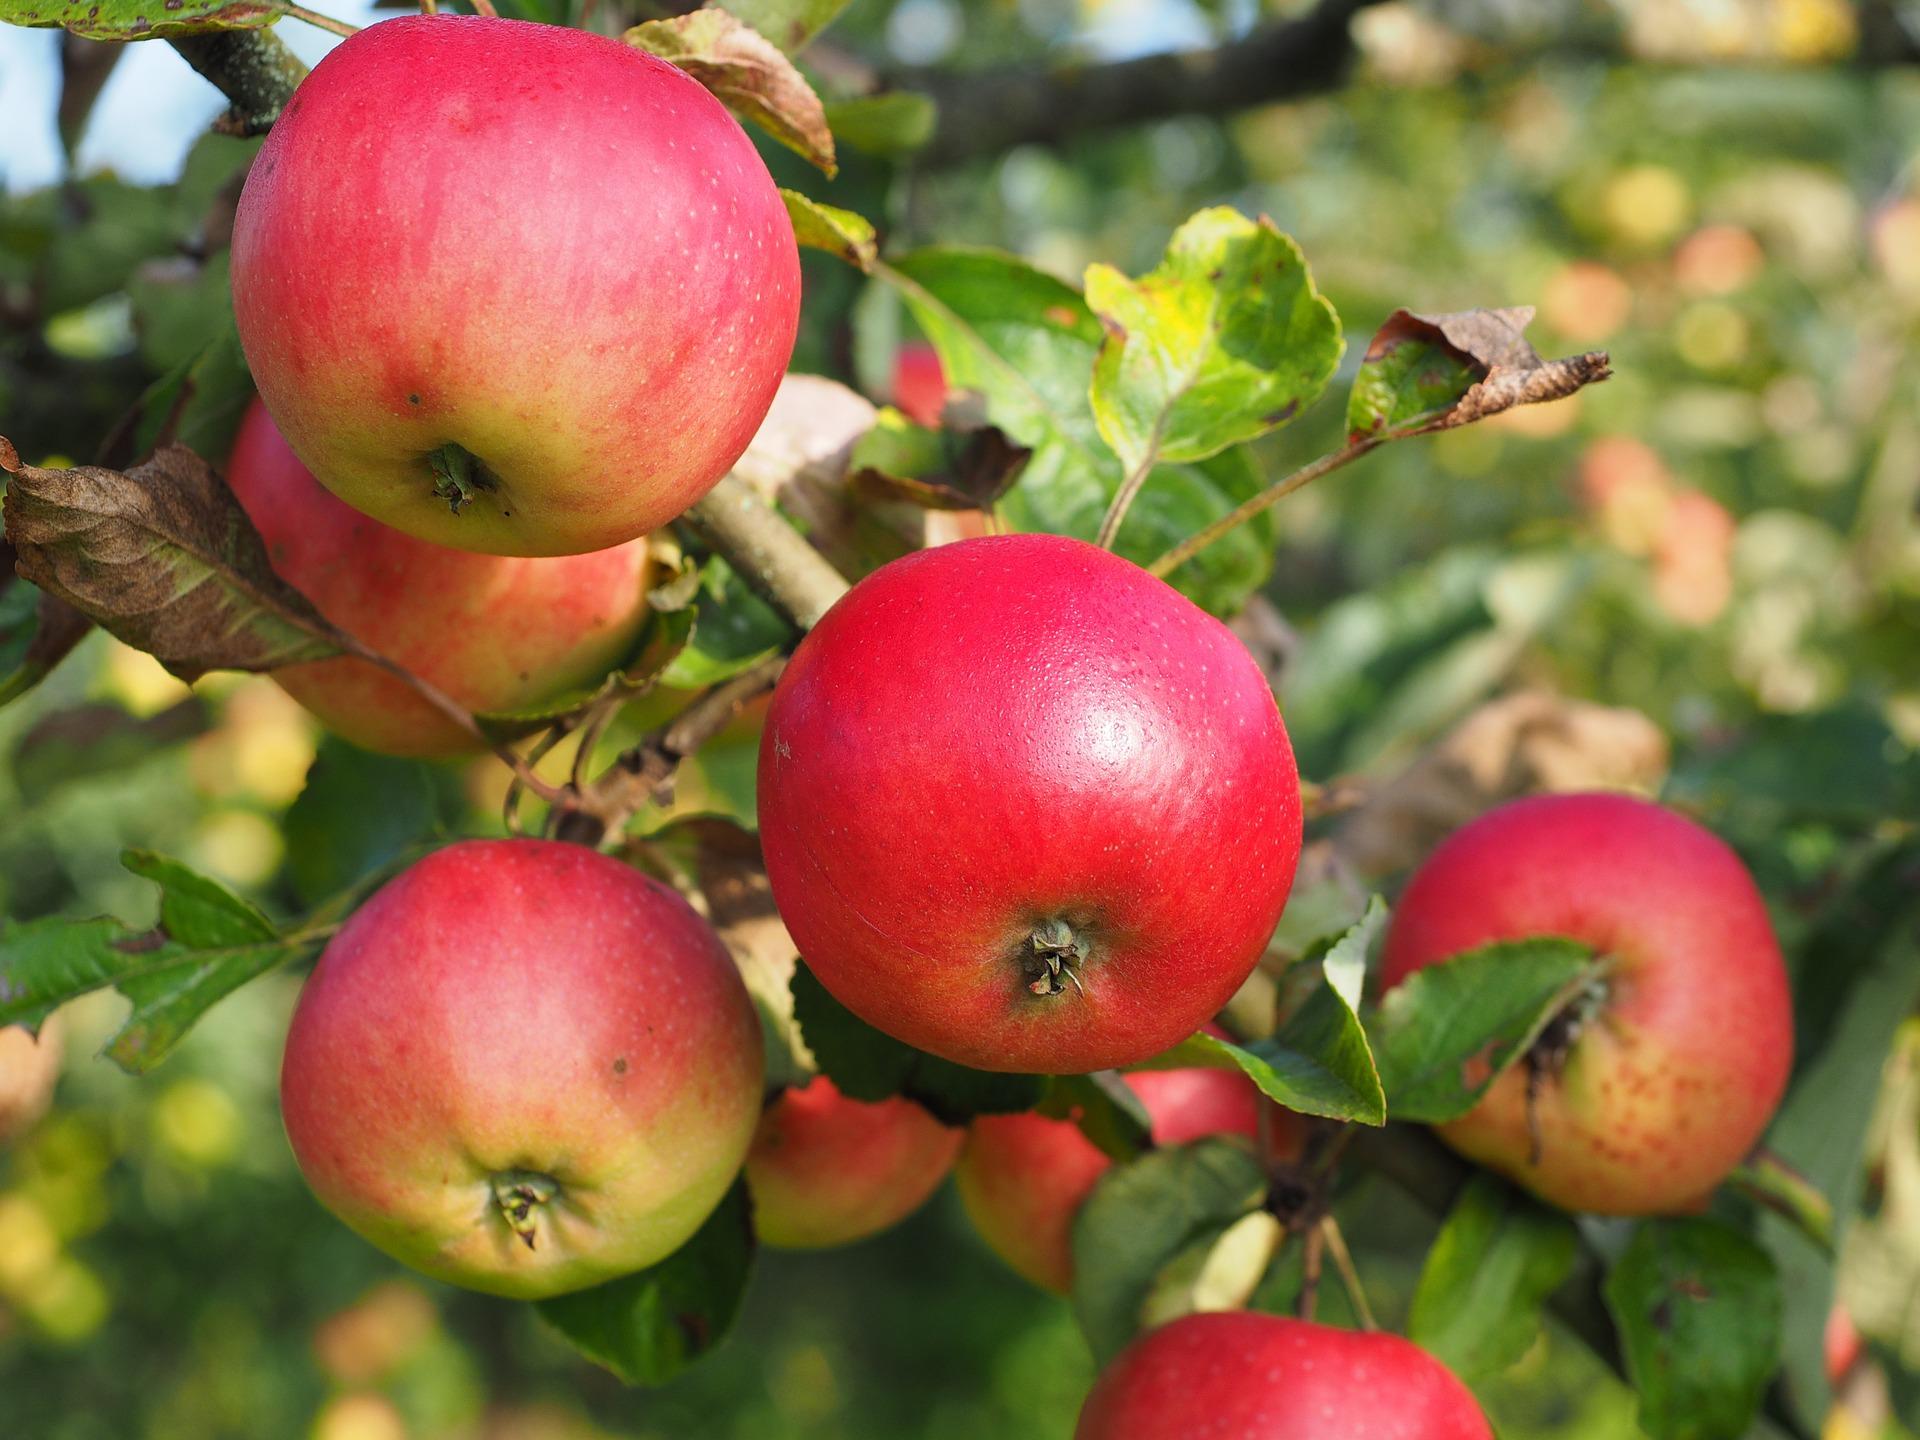 Україна різко скоротила експорт яблук, лохини та горіхів в Сінгапур